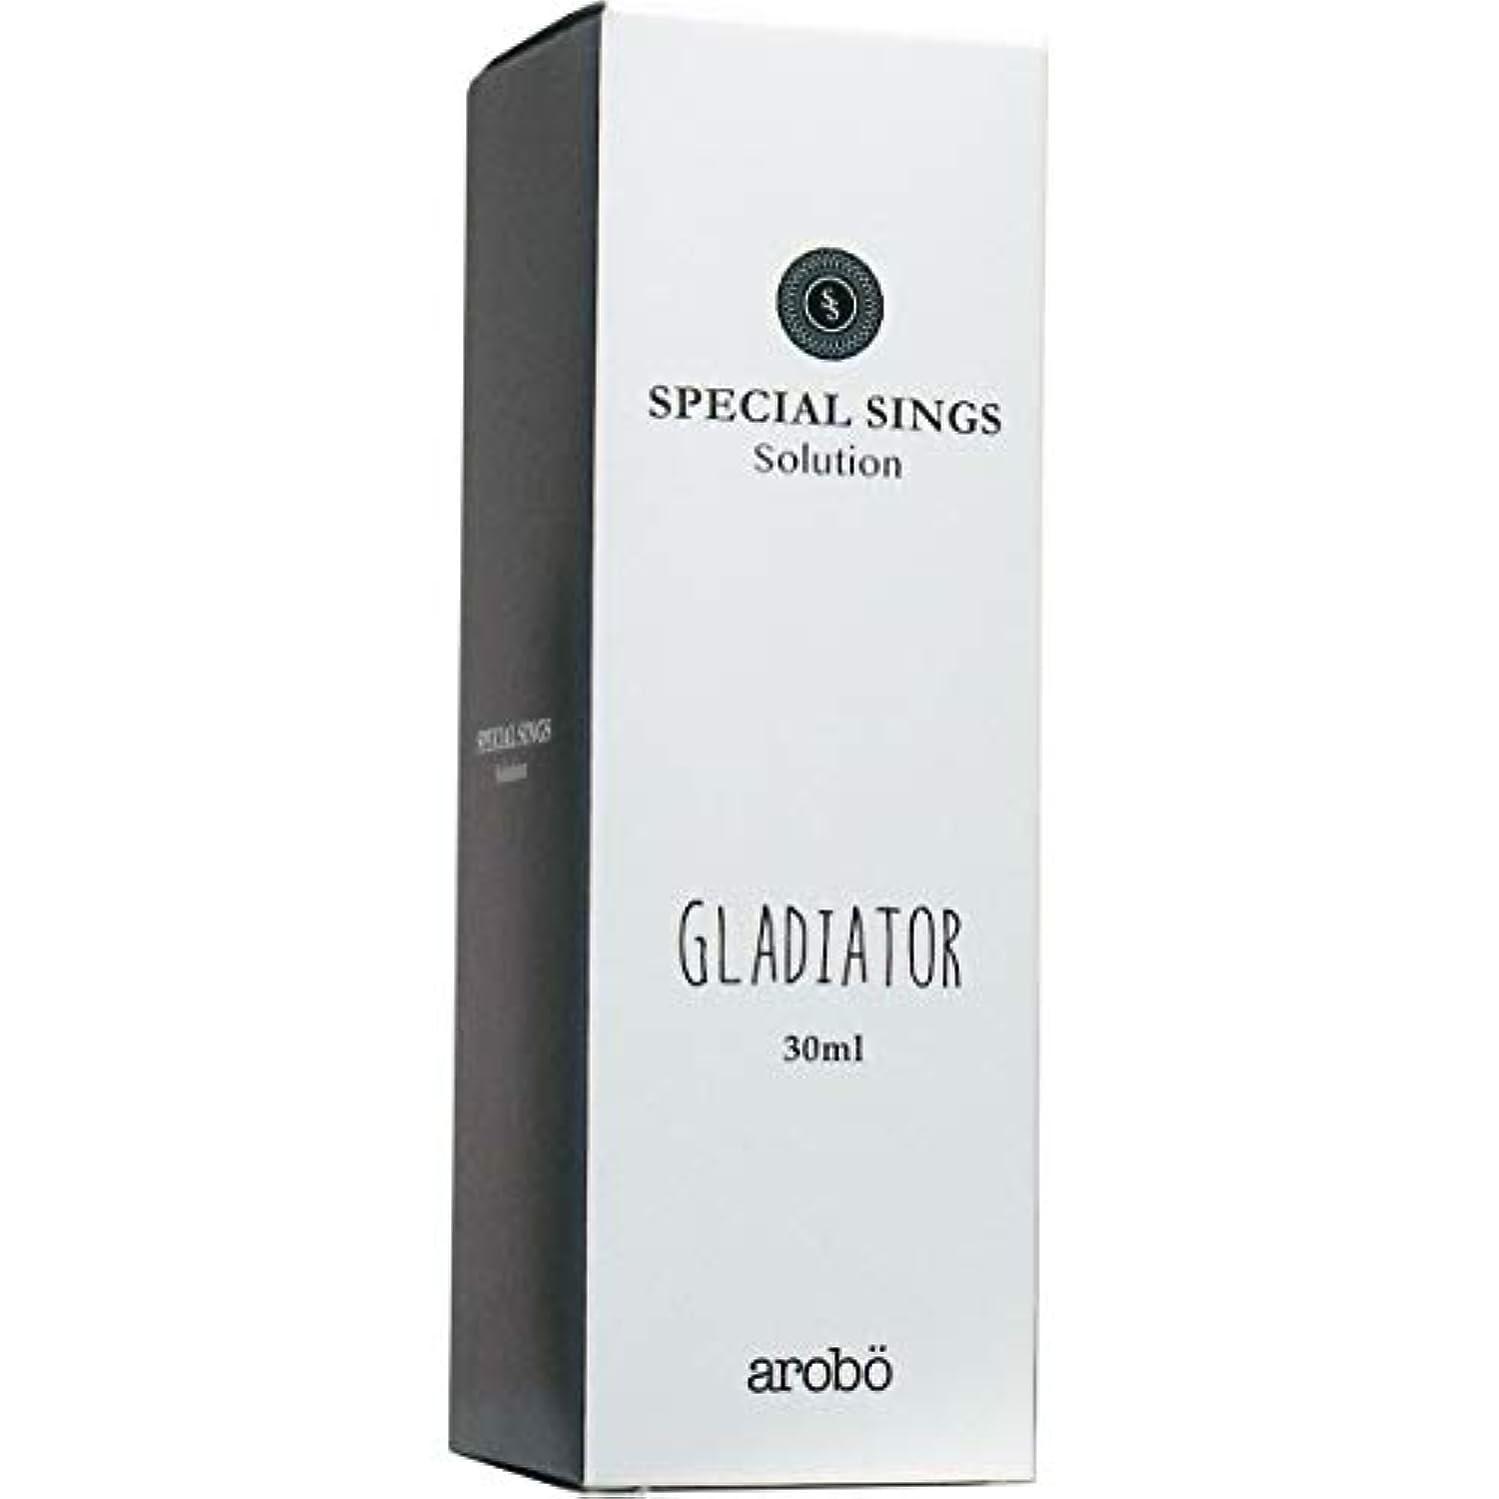 暖炉爵必要条件スペシャルシングス ソリューション CLV-840 グラディエーター 30ml